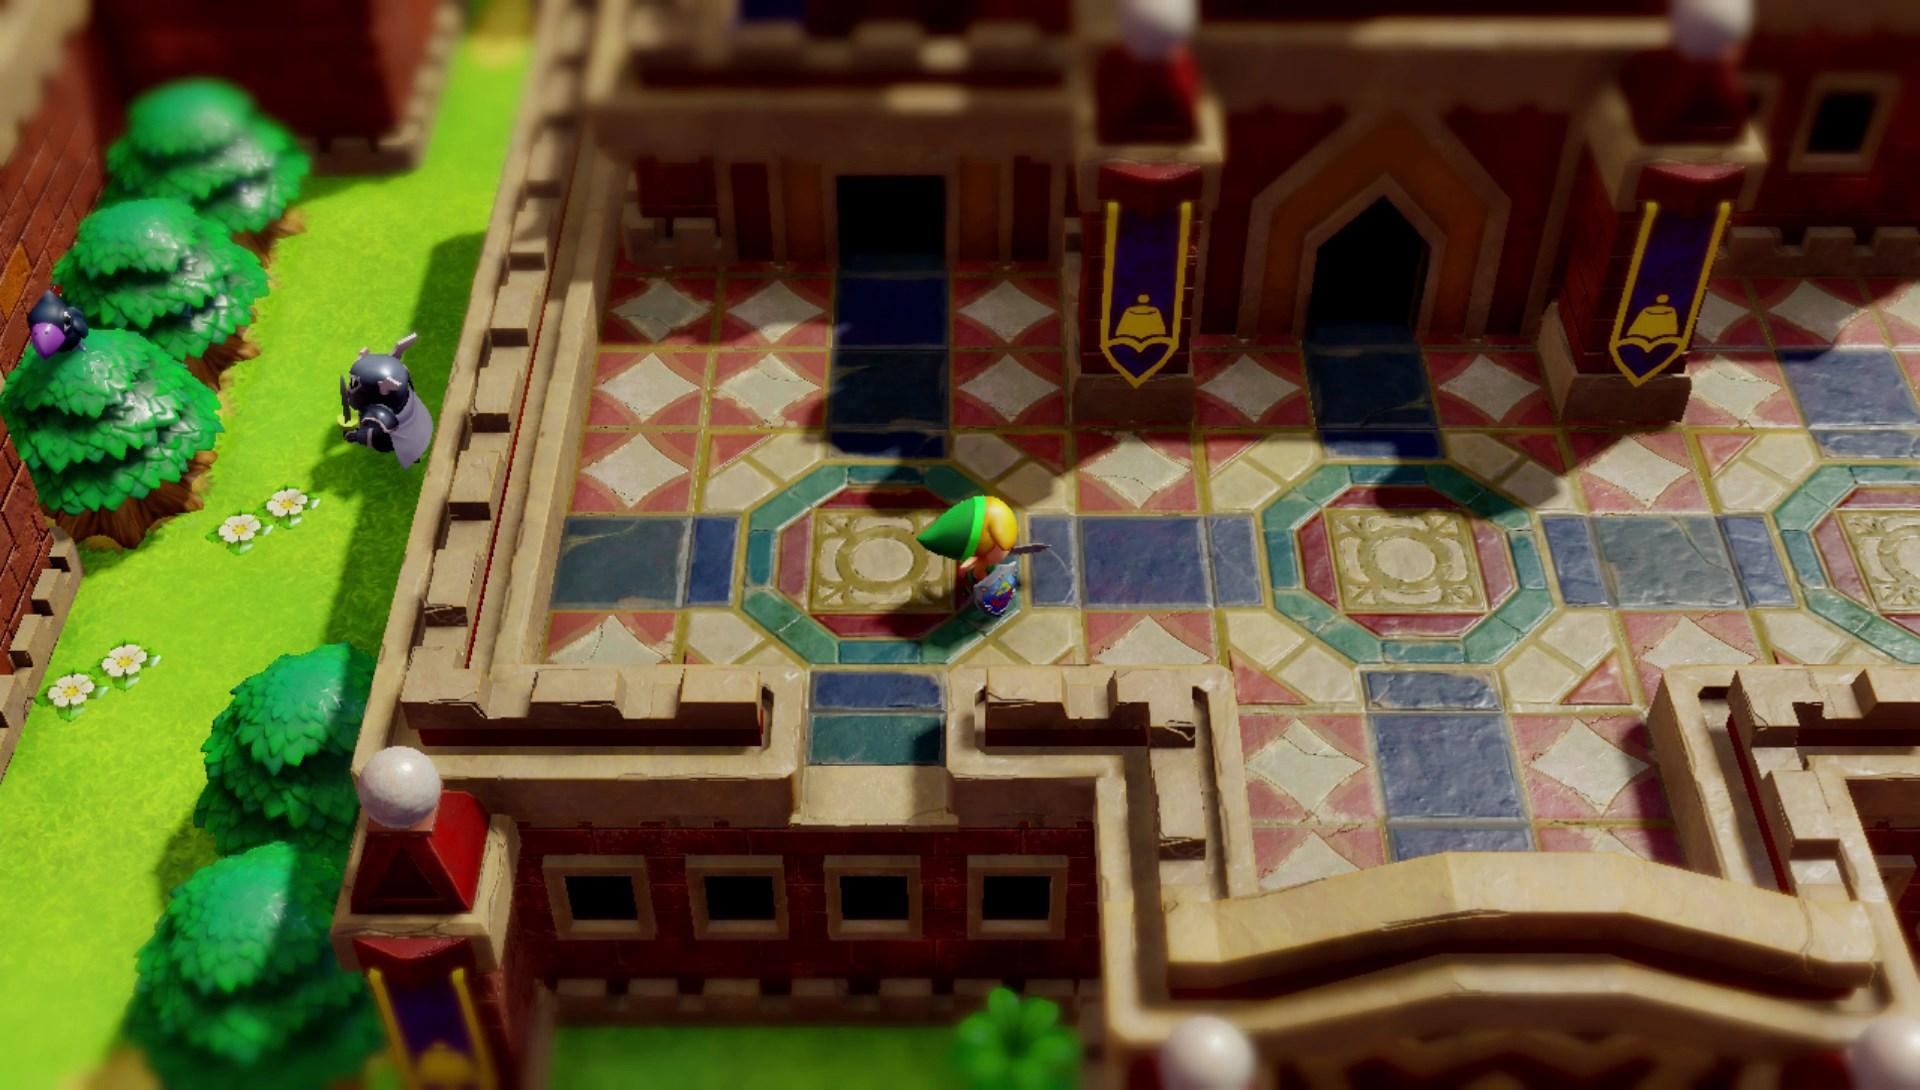 Zelda Link S Awakening Game Review The Washington Post